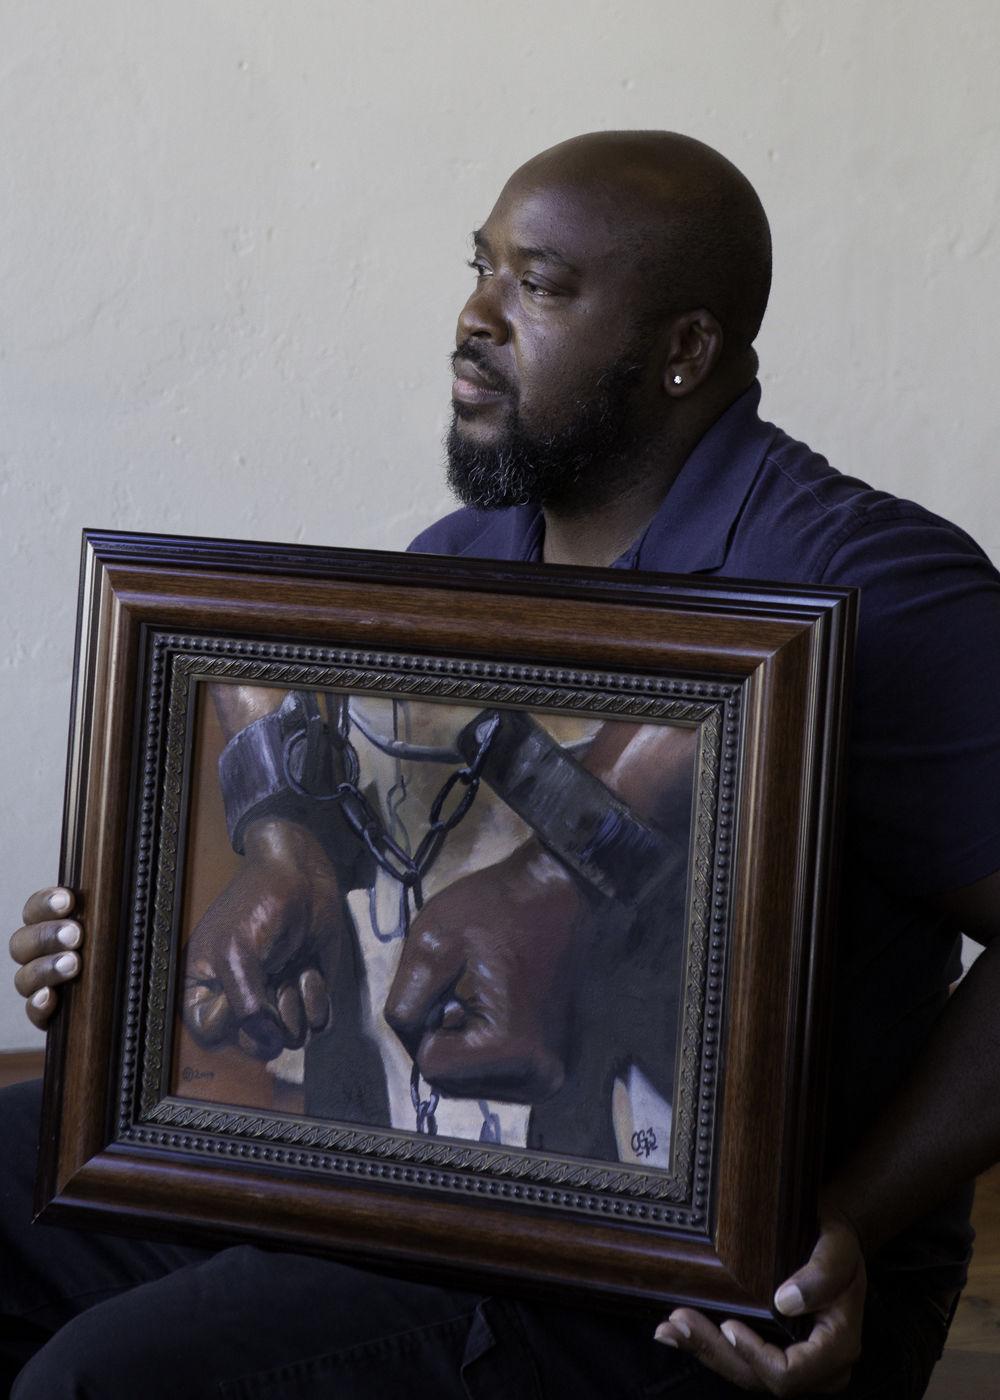 Artist Gene Grant to display his work at Hallet Oak Gallery